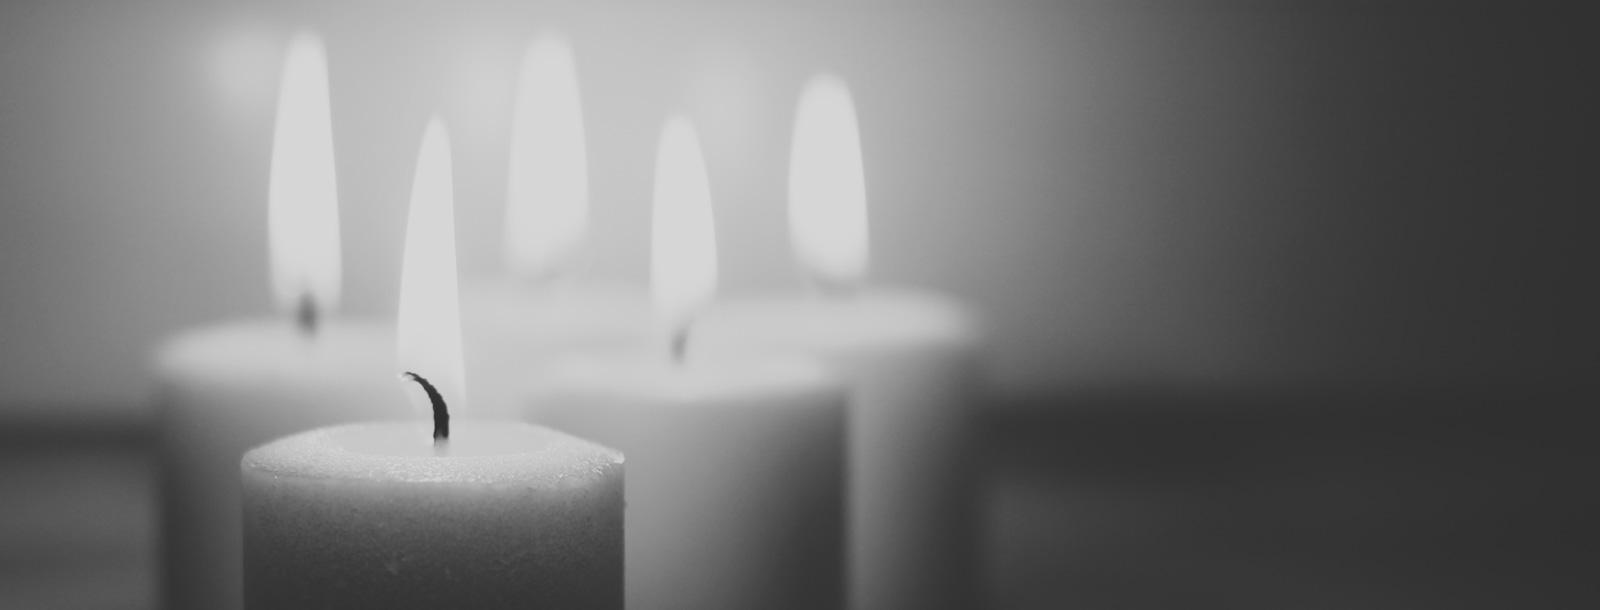 3:16 Church - Pray for Orlando